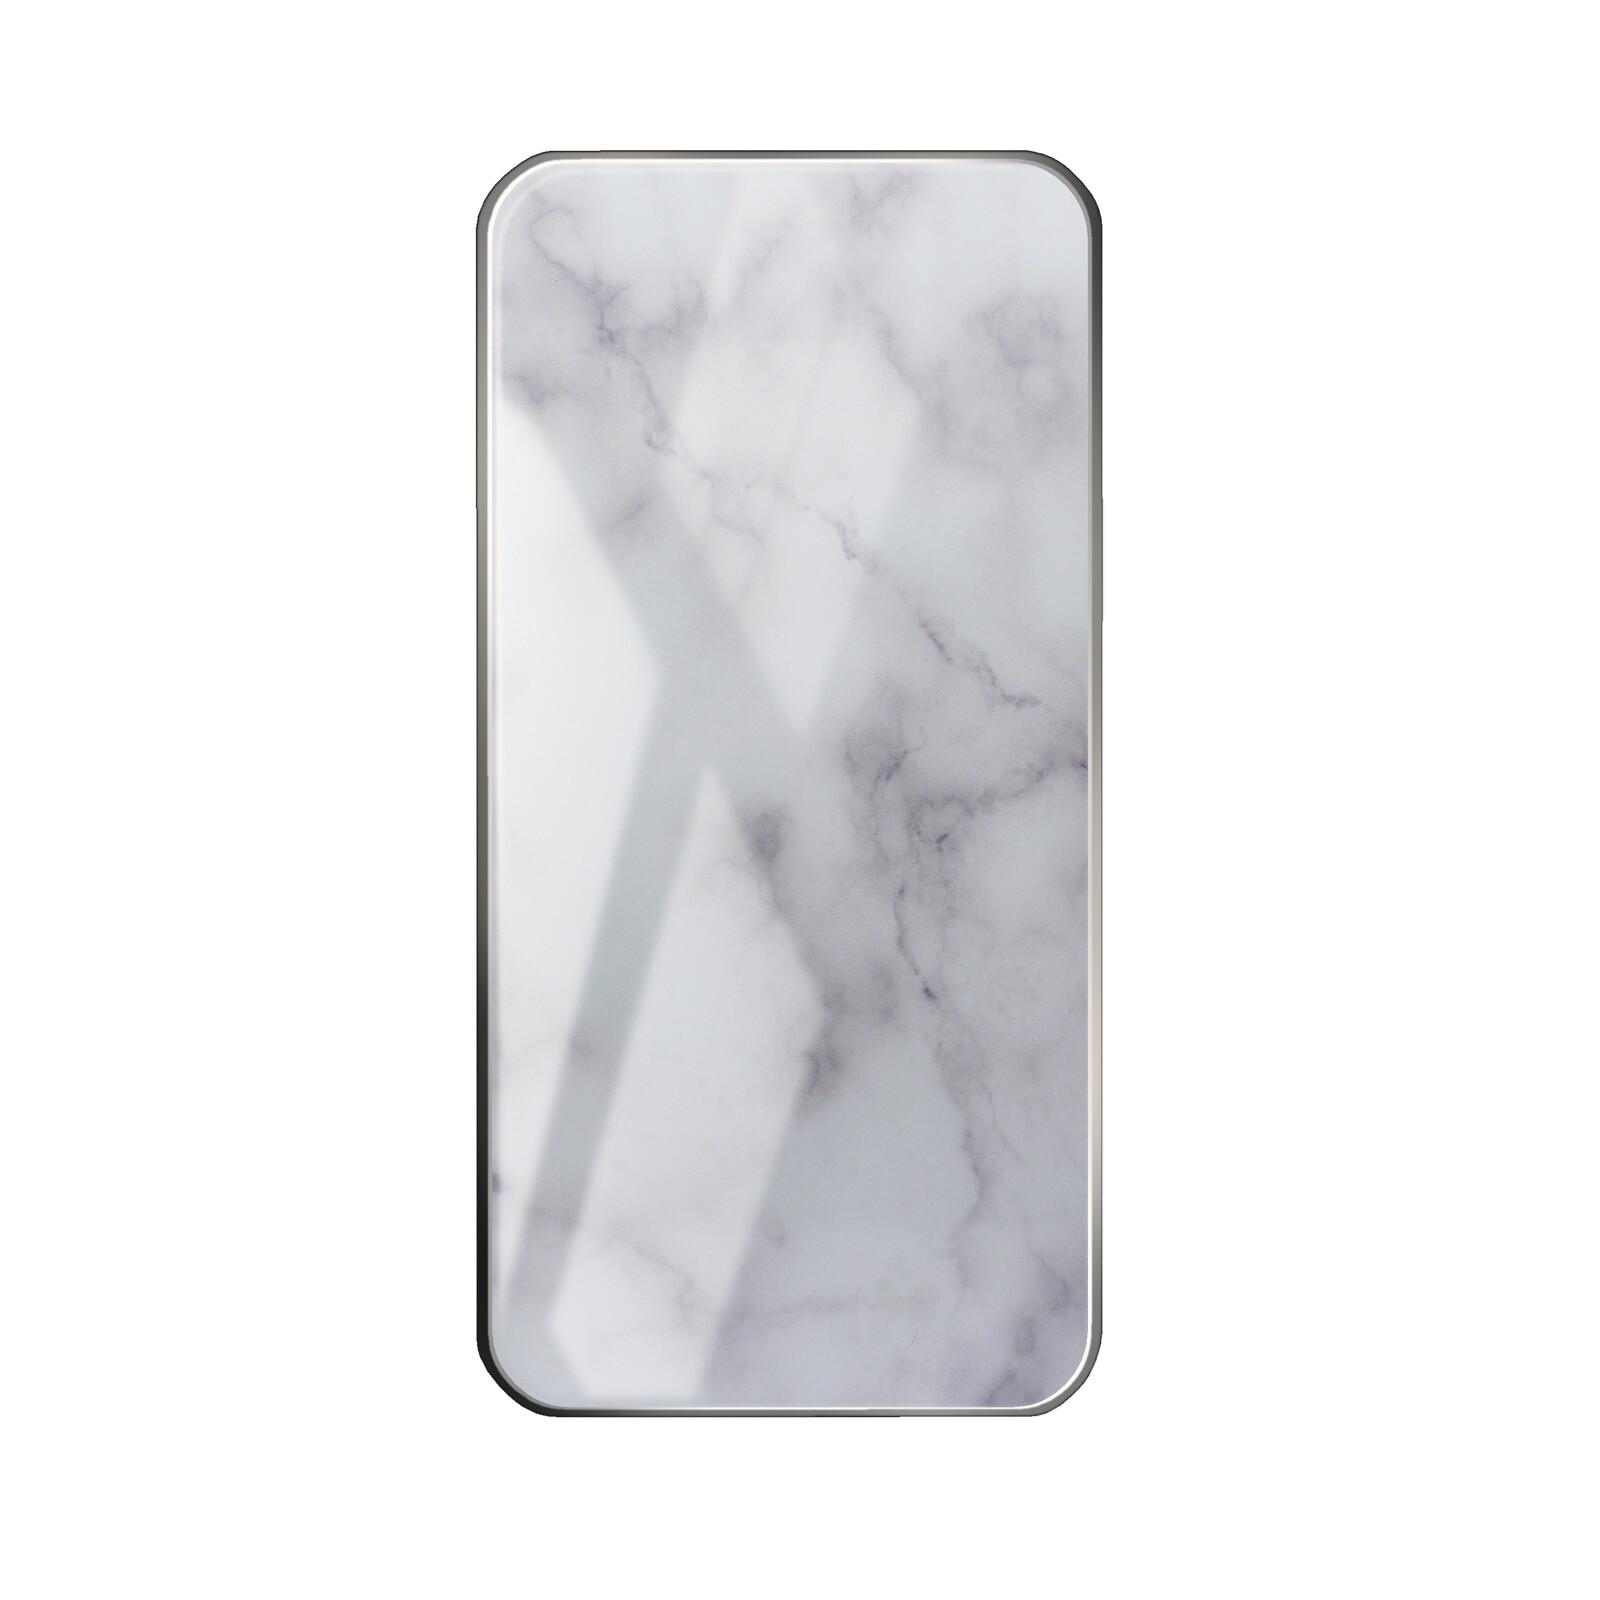 Felixx Powerbank Glas 8.000 mAh White Stone